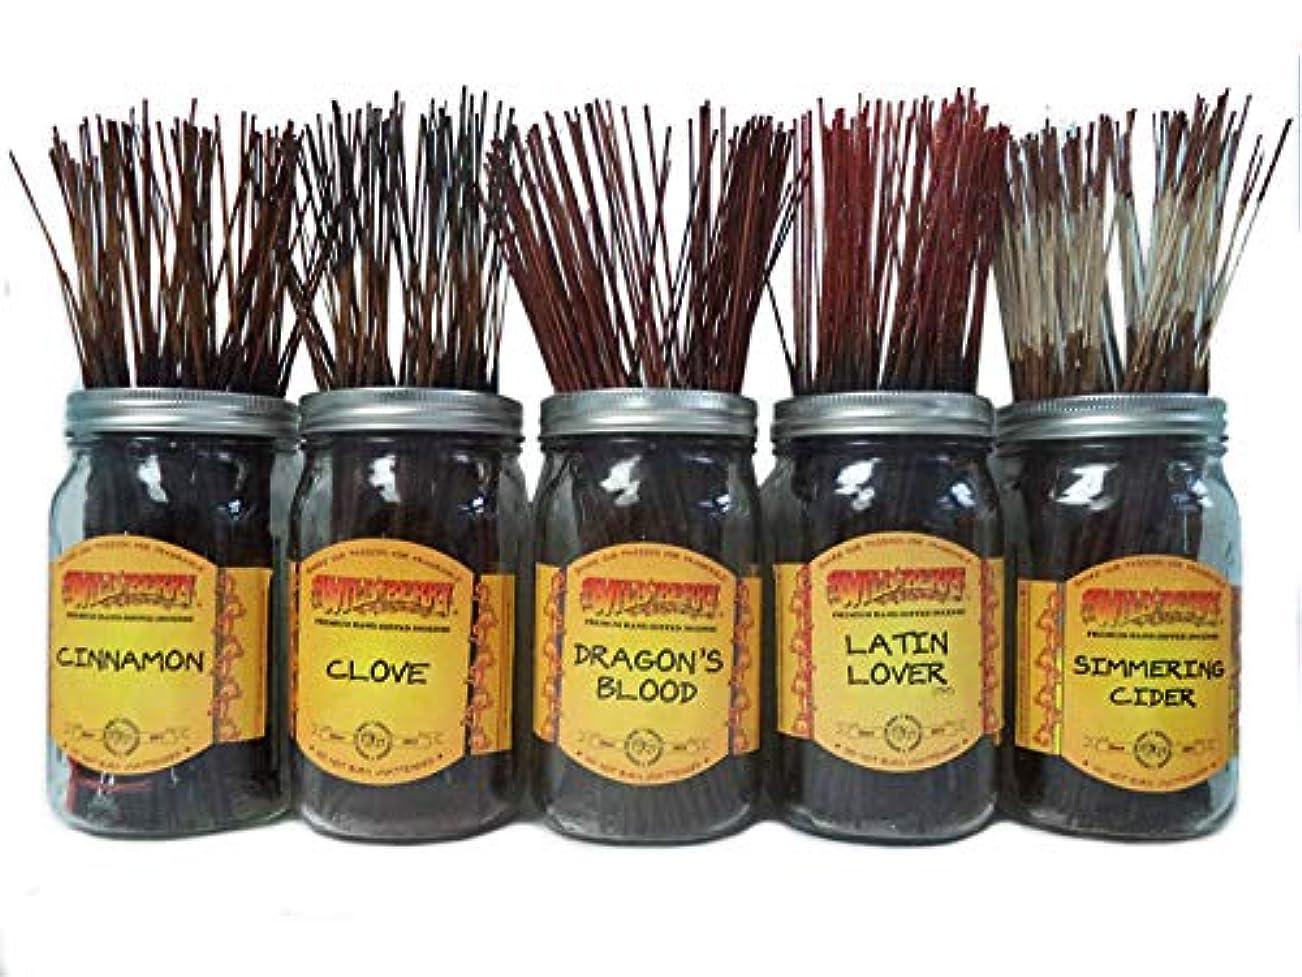 バブル収穫石のWildberry Incense SticksスパイシーScentsセット# 3 : 4 Sticks各5の香り、合計20 Sticks 。